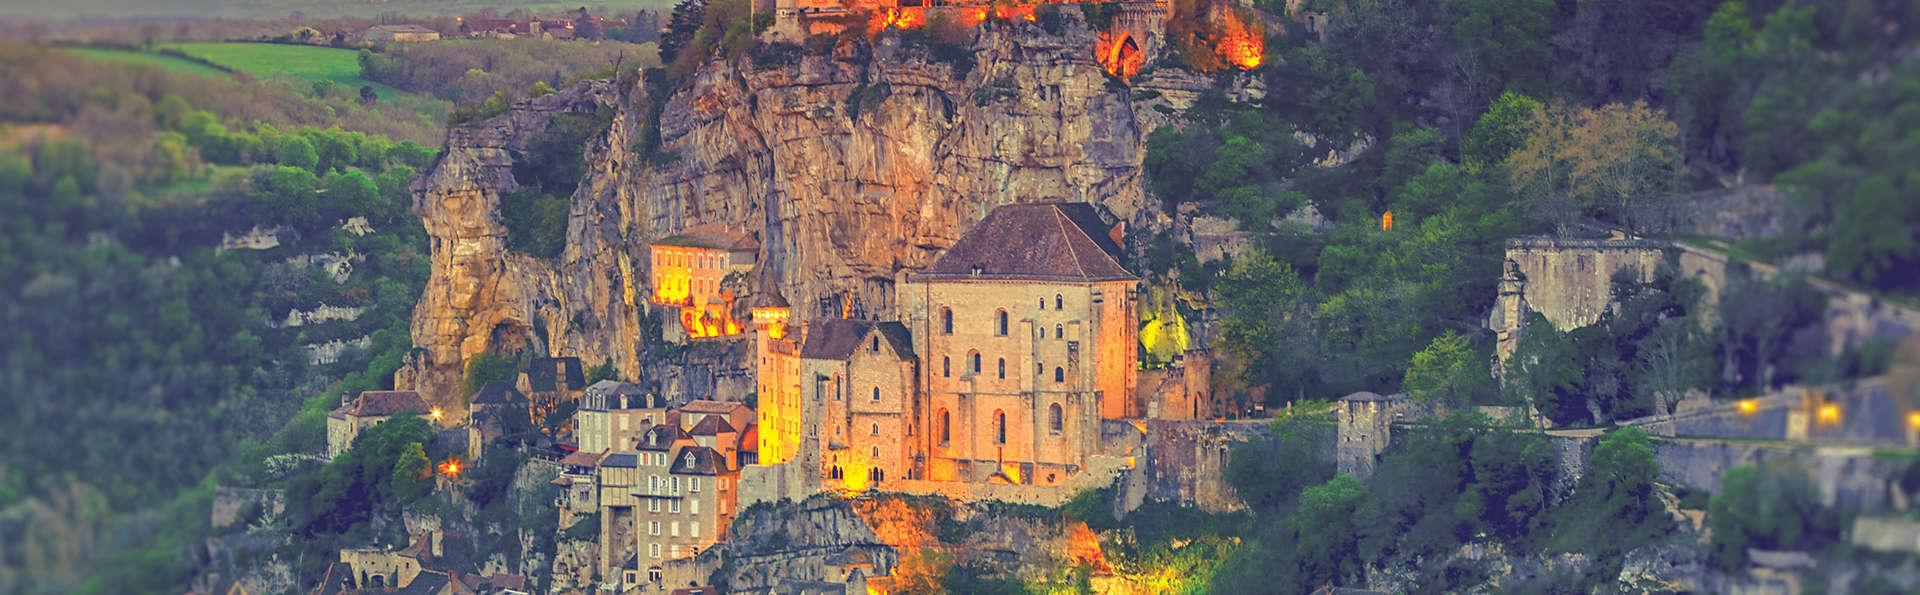 Hôtel Beau Site  - EDIT_Rocamadour3.jpg